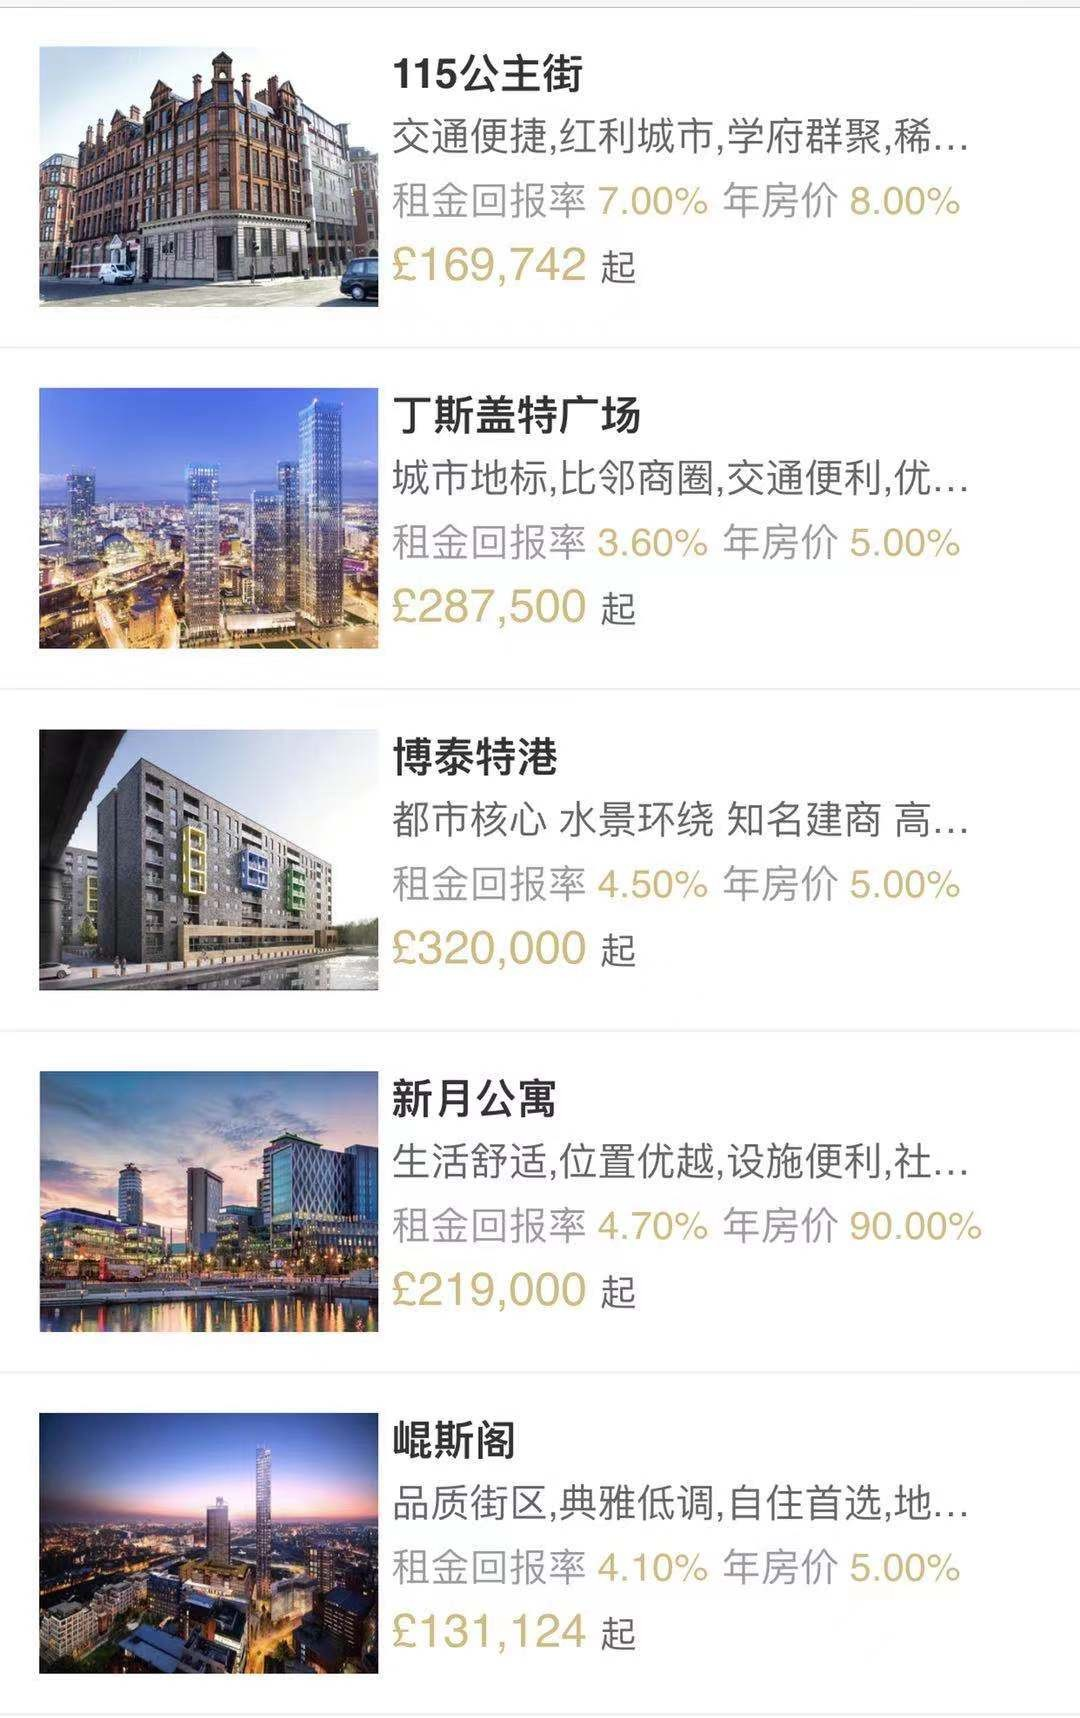 """海外置业:""""拿上海的首付,全款买了套曼城房"""""""